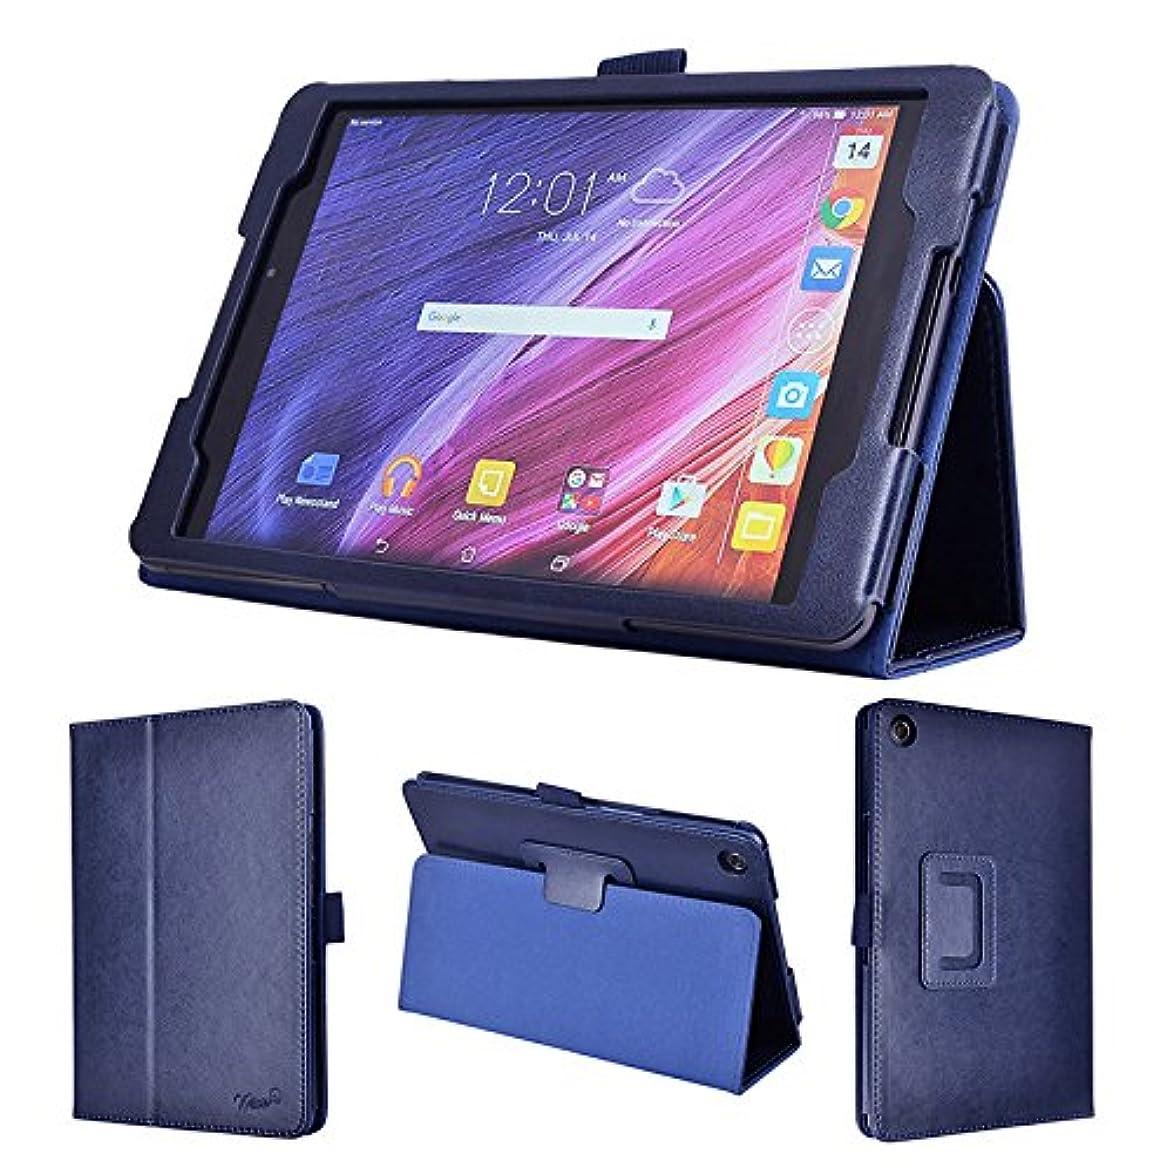 ポールいじめっ子しばしばwisers ASUS ZenPad 3 8.0, Z581KL タブレット 専用 ケース カバー [2016 年 新型] ダークブルー